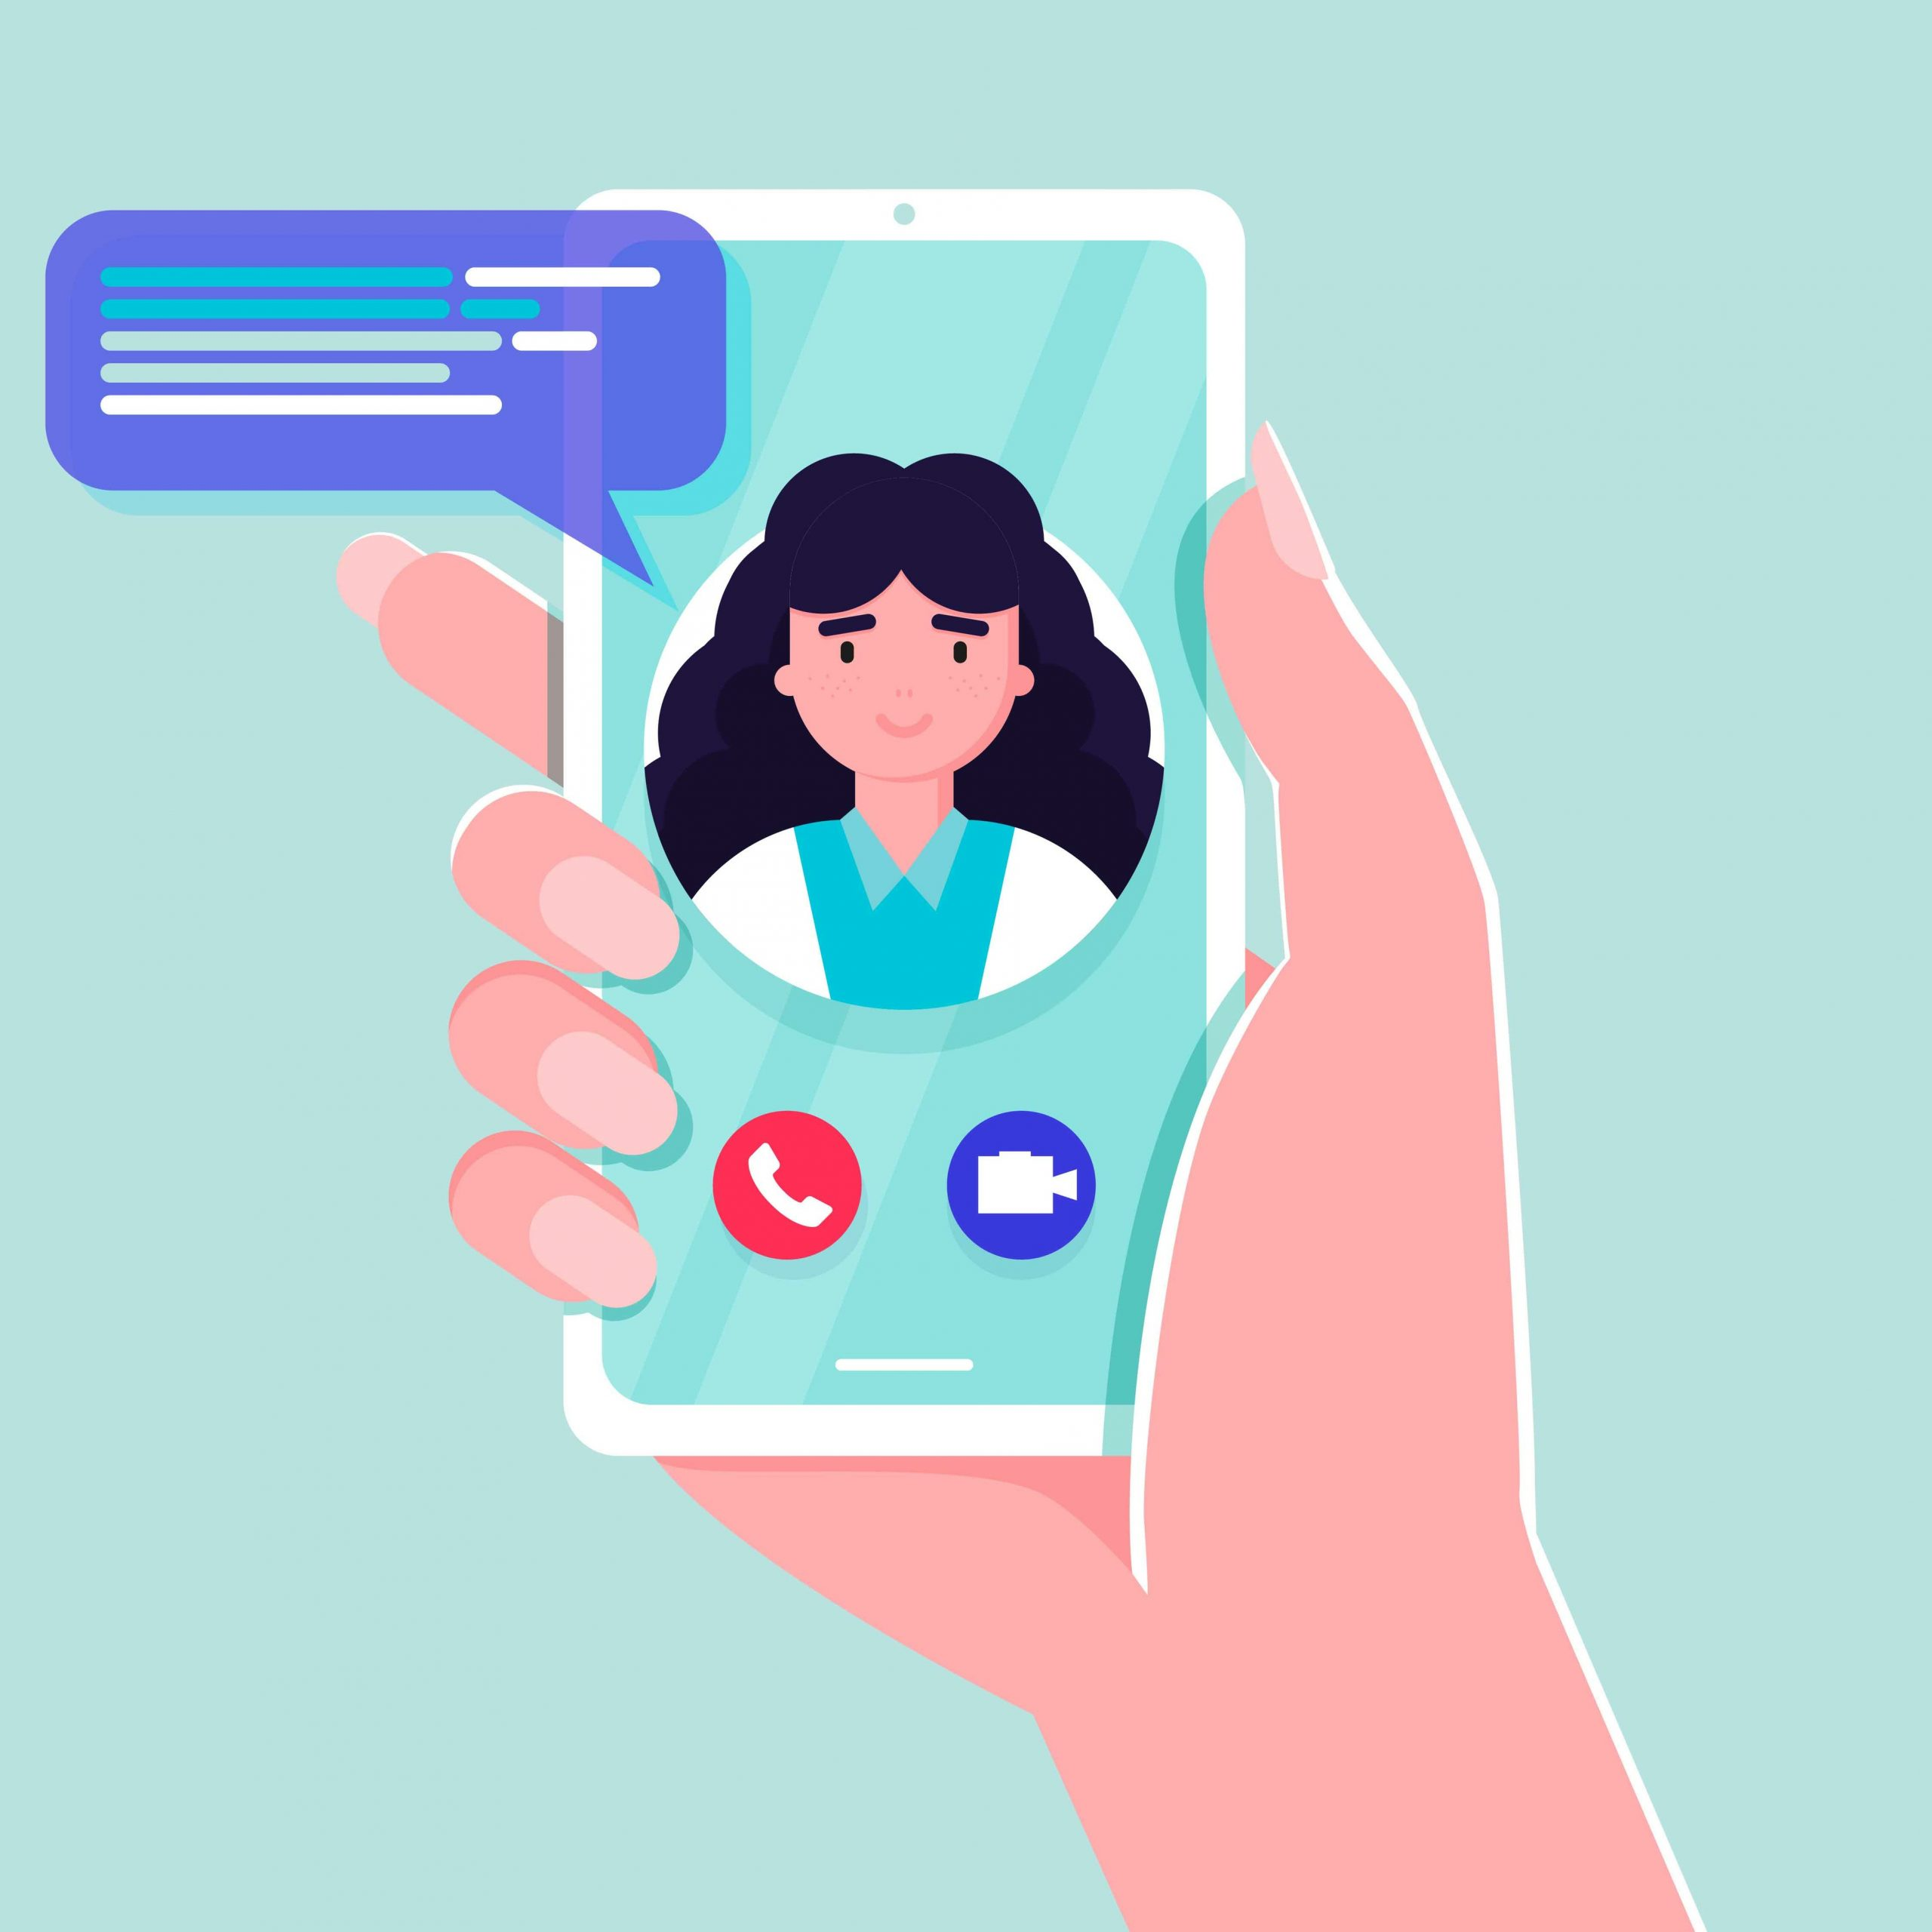 Digitale Krankenschwester